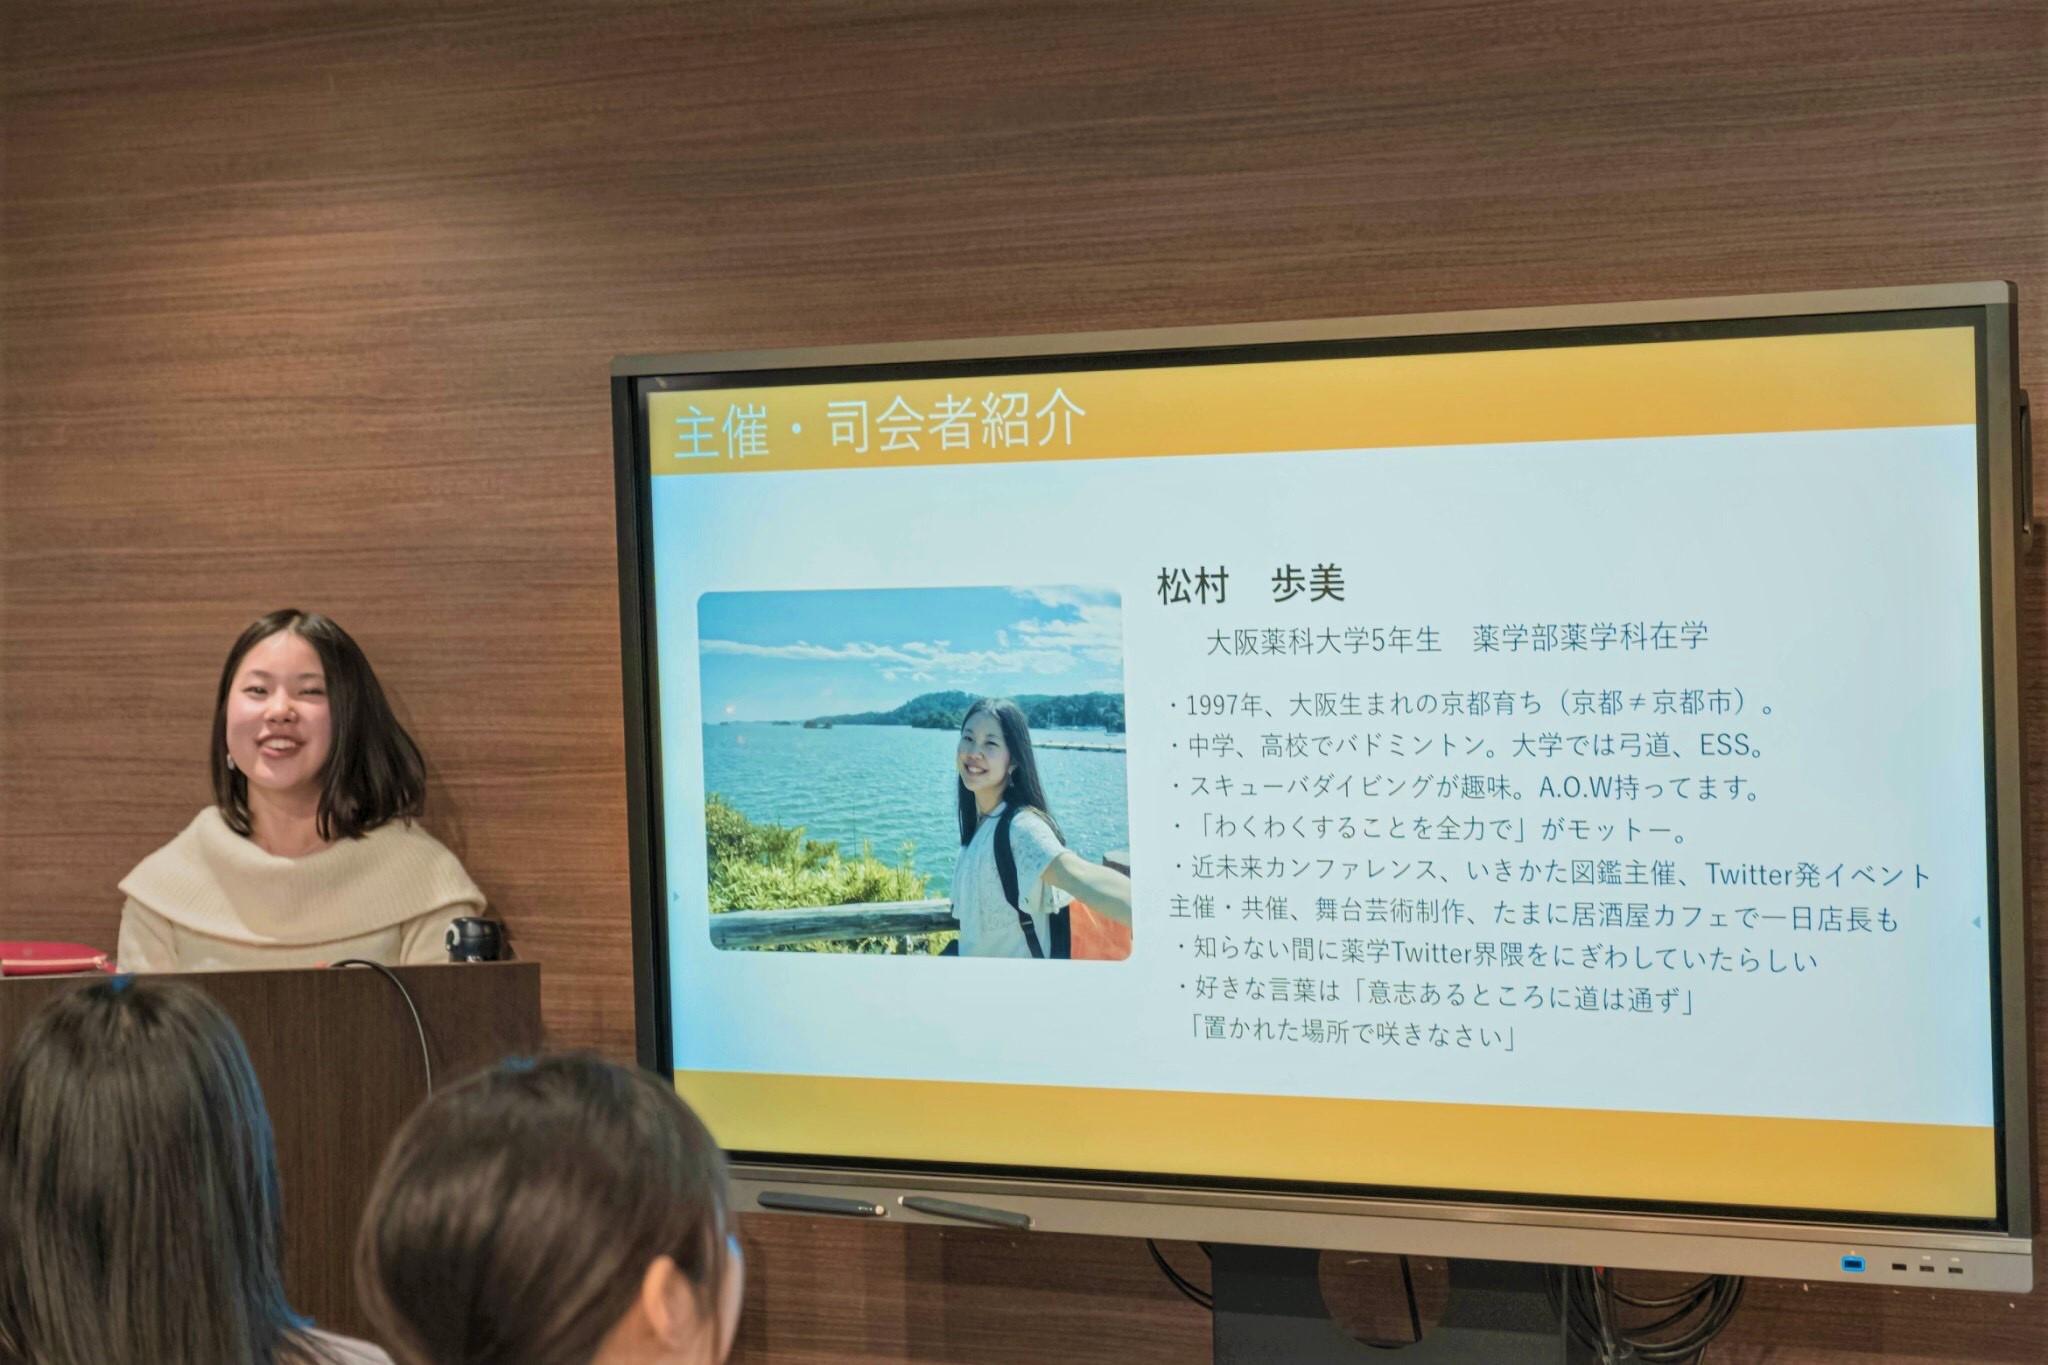 【注目の薬学生*第2弾】新しい風を吹かせ続ける存在< 6 年生 松村 歩美さん>